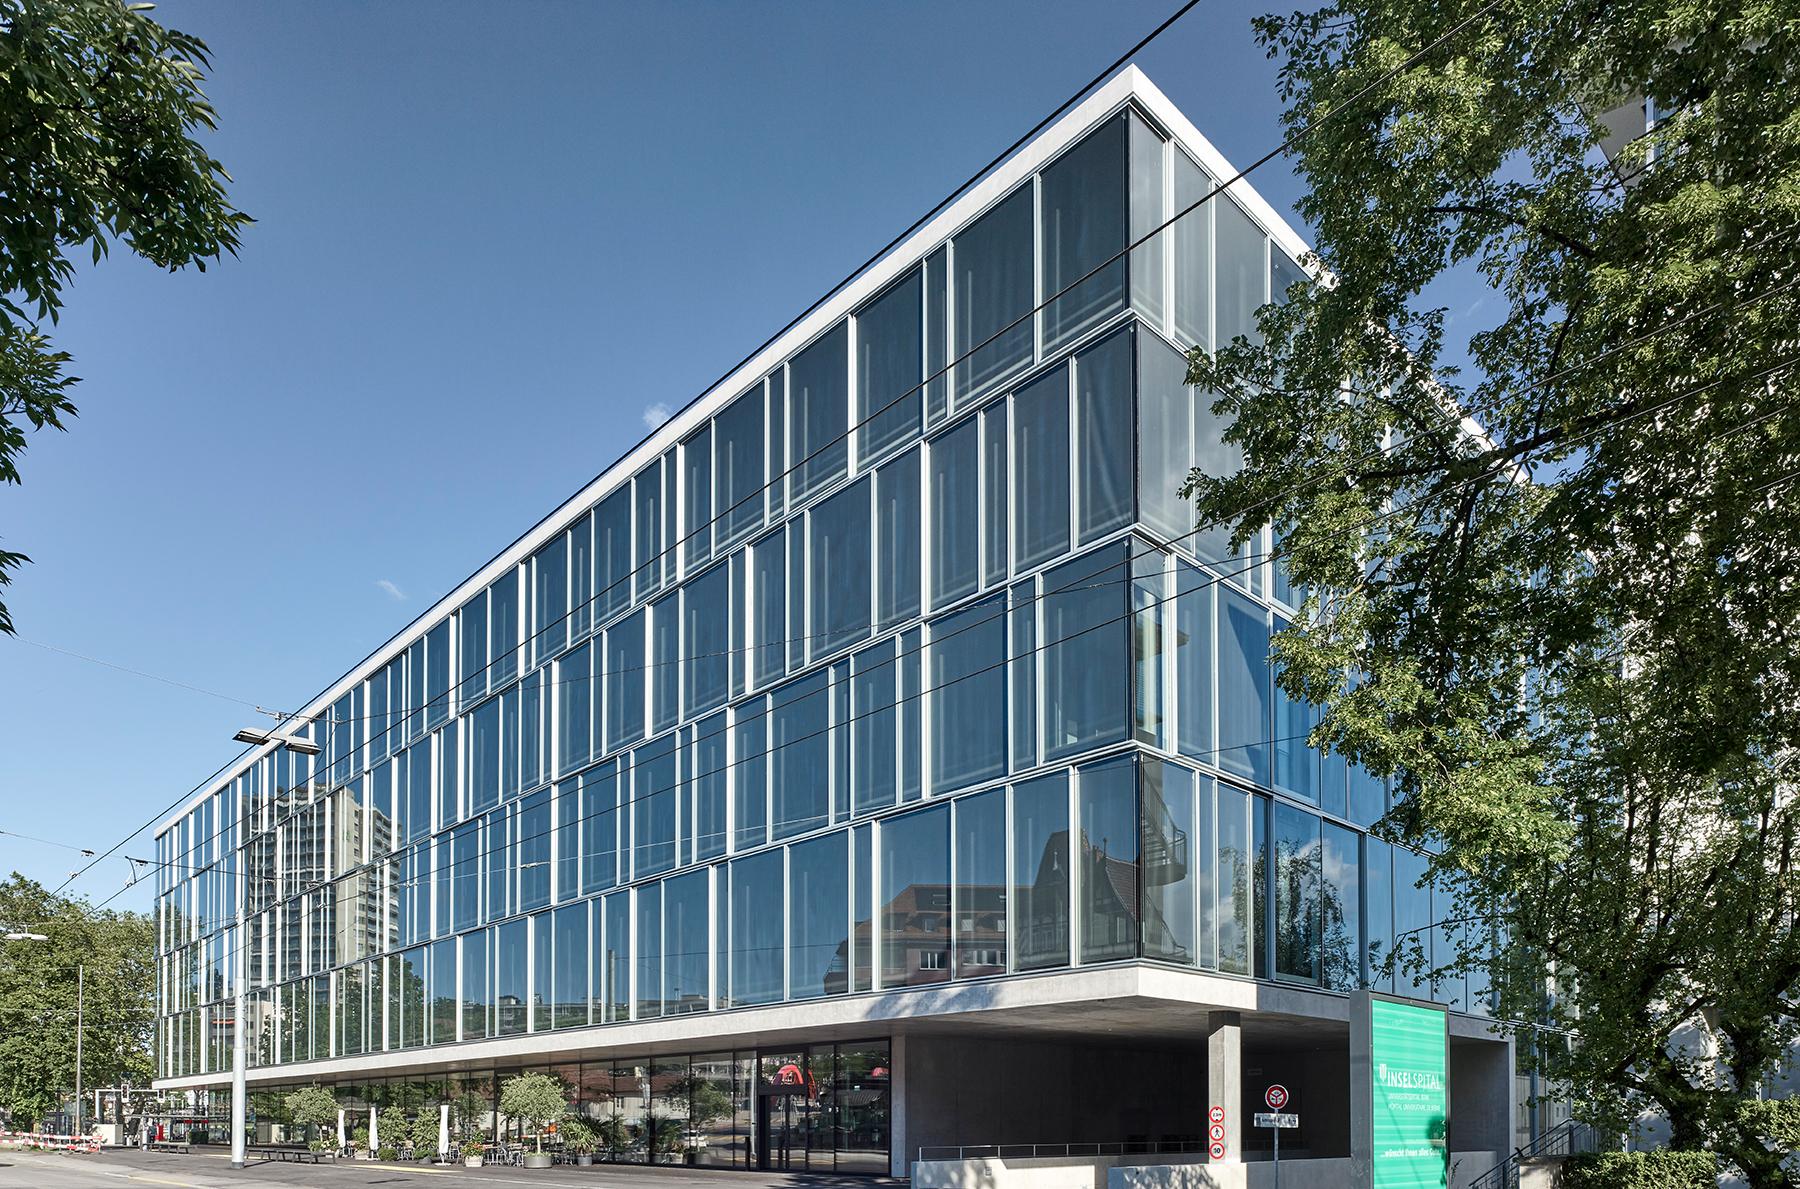 Das nationale Kompetenzzentrum für translationale Medizin und Unternehmertum sitem-insel.  Bild: sitem-insel